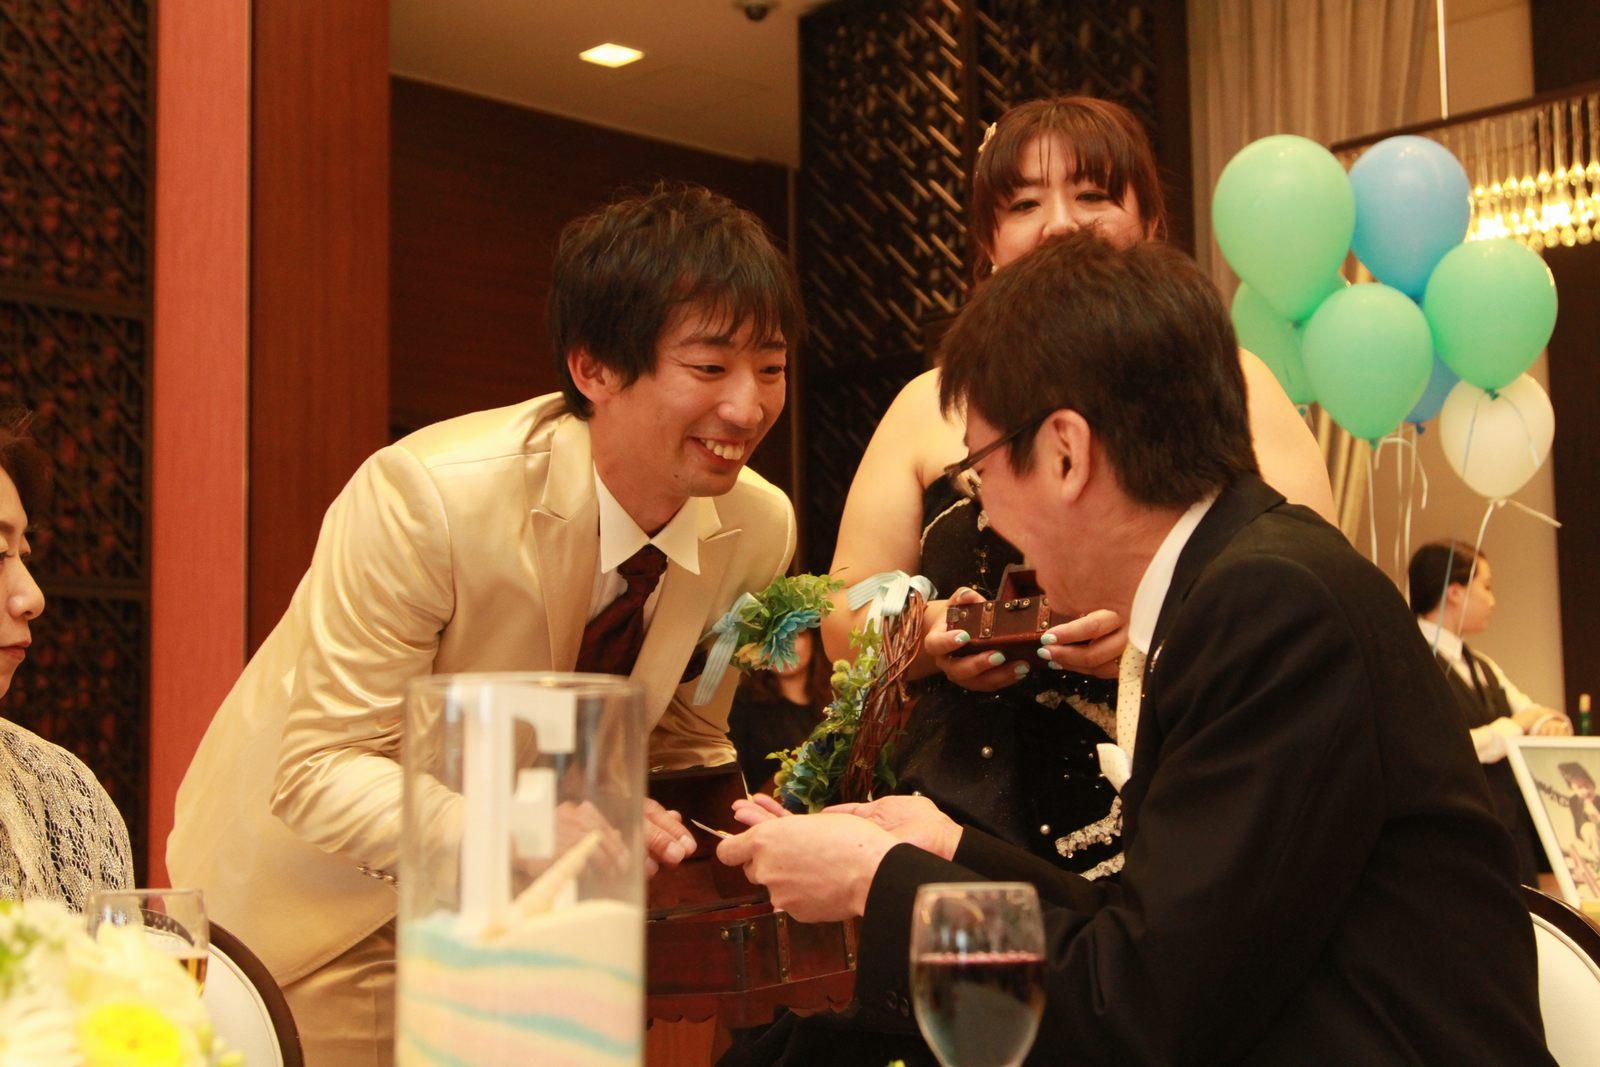 徳島市の結婚式場ブランアンジュのテーブルラウンドでゲスト配るガチャコイン